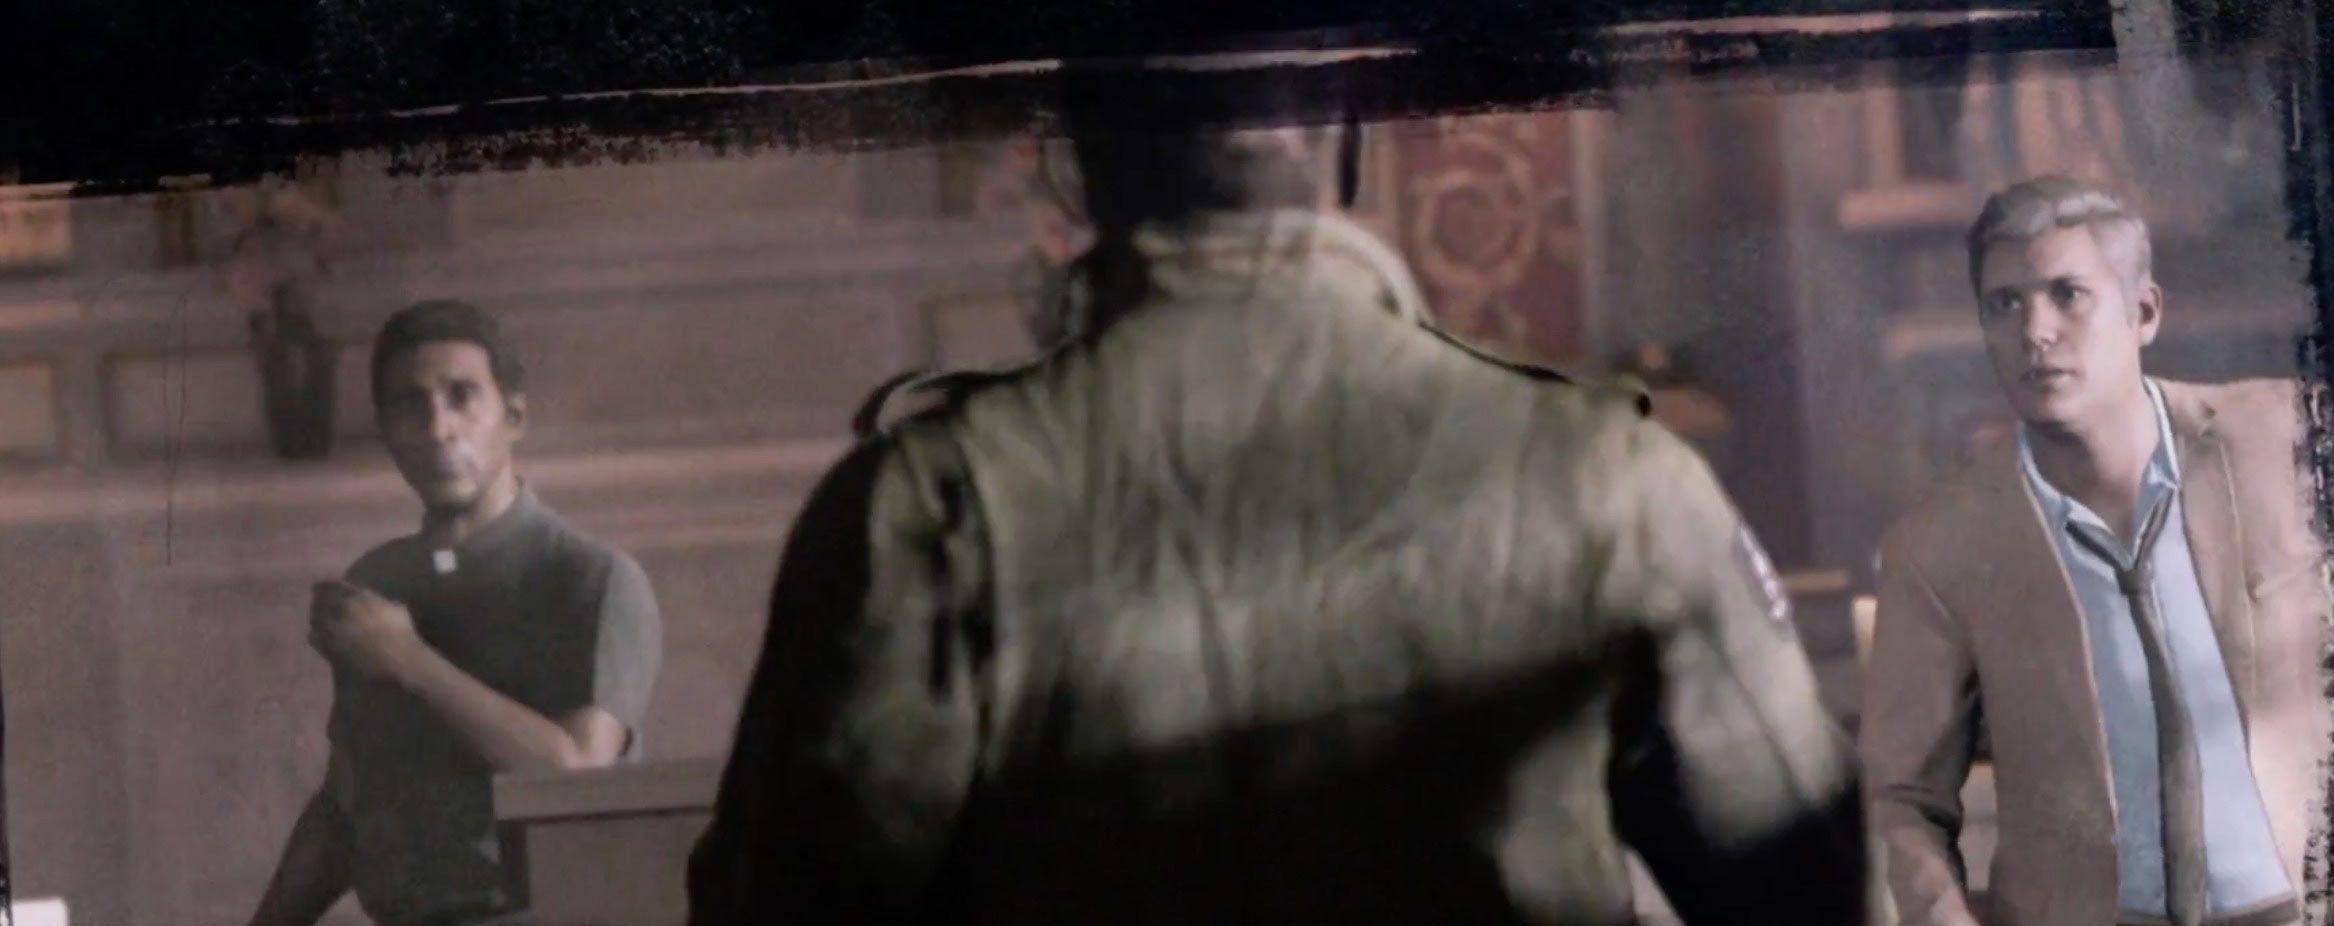 Mafia III - El padre James y Donovan